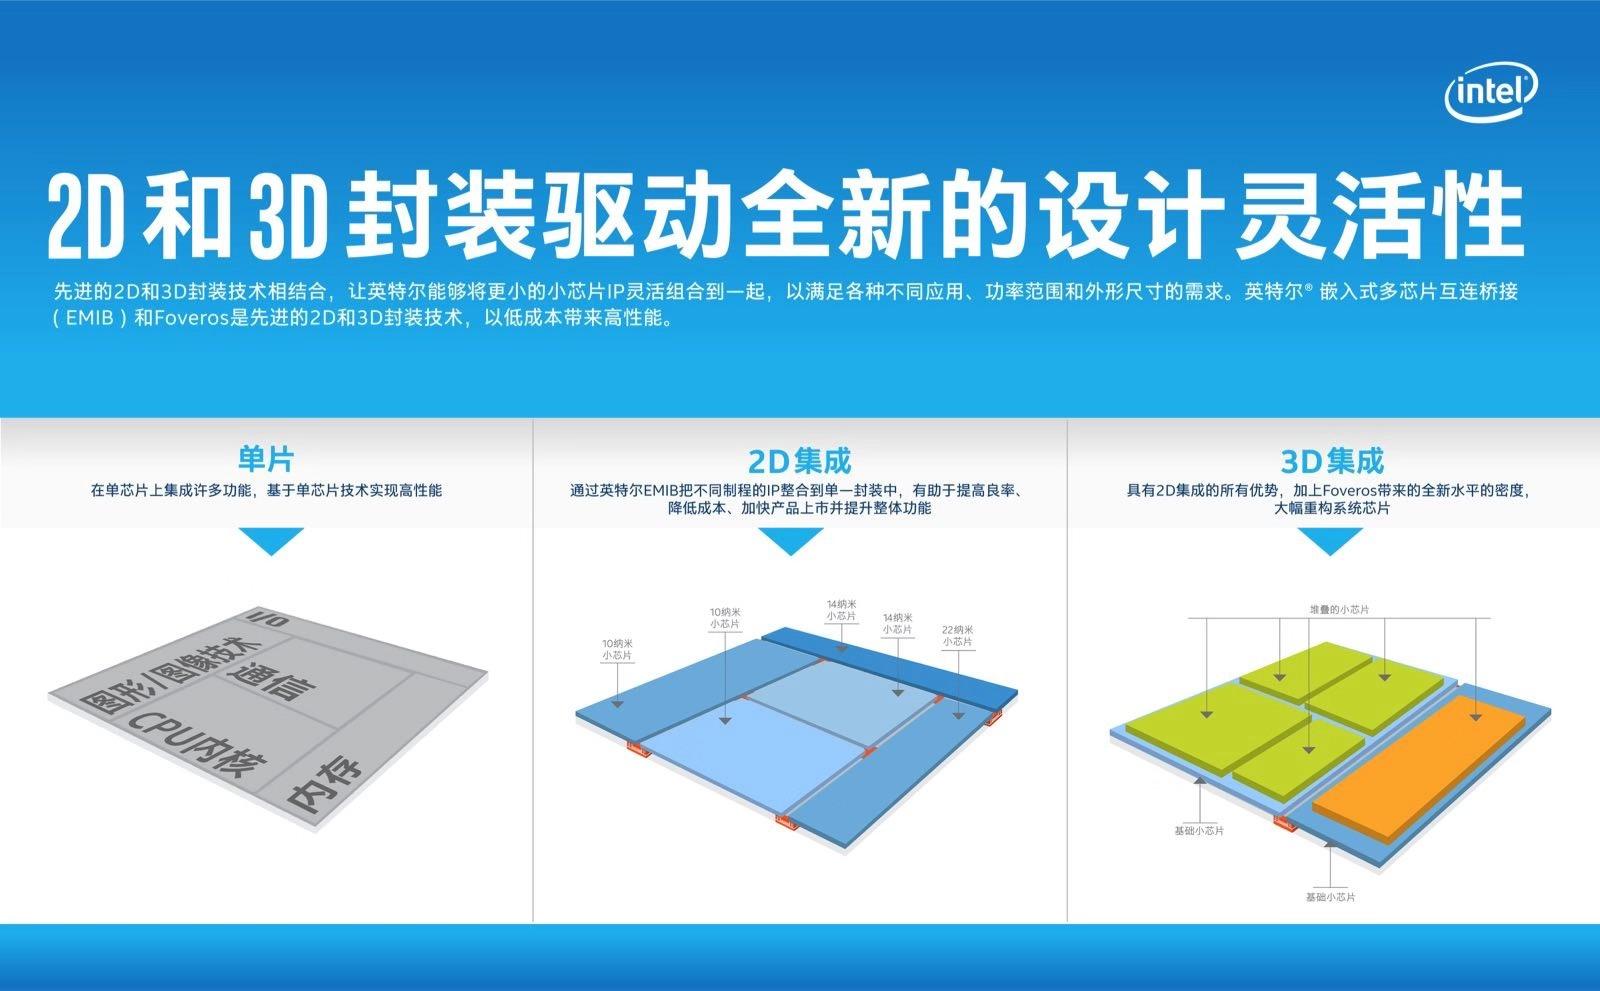 英特尔展示下一代架构和3D封装技术 推动战略转变